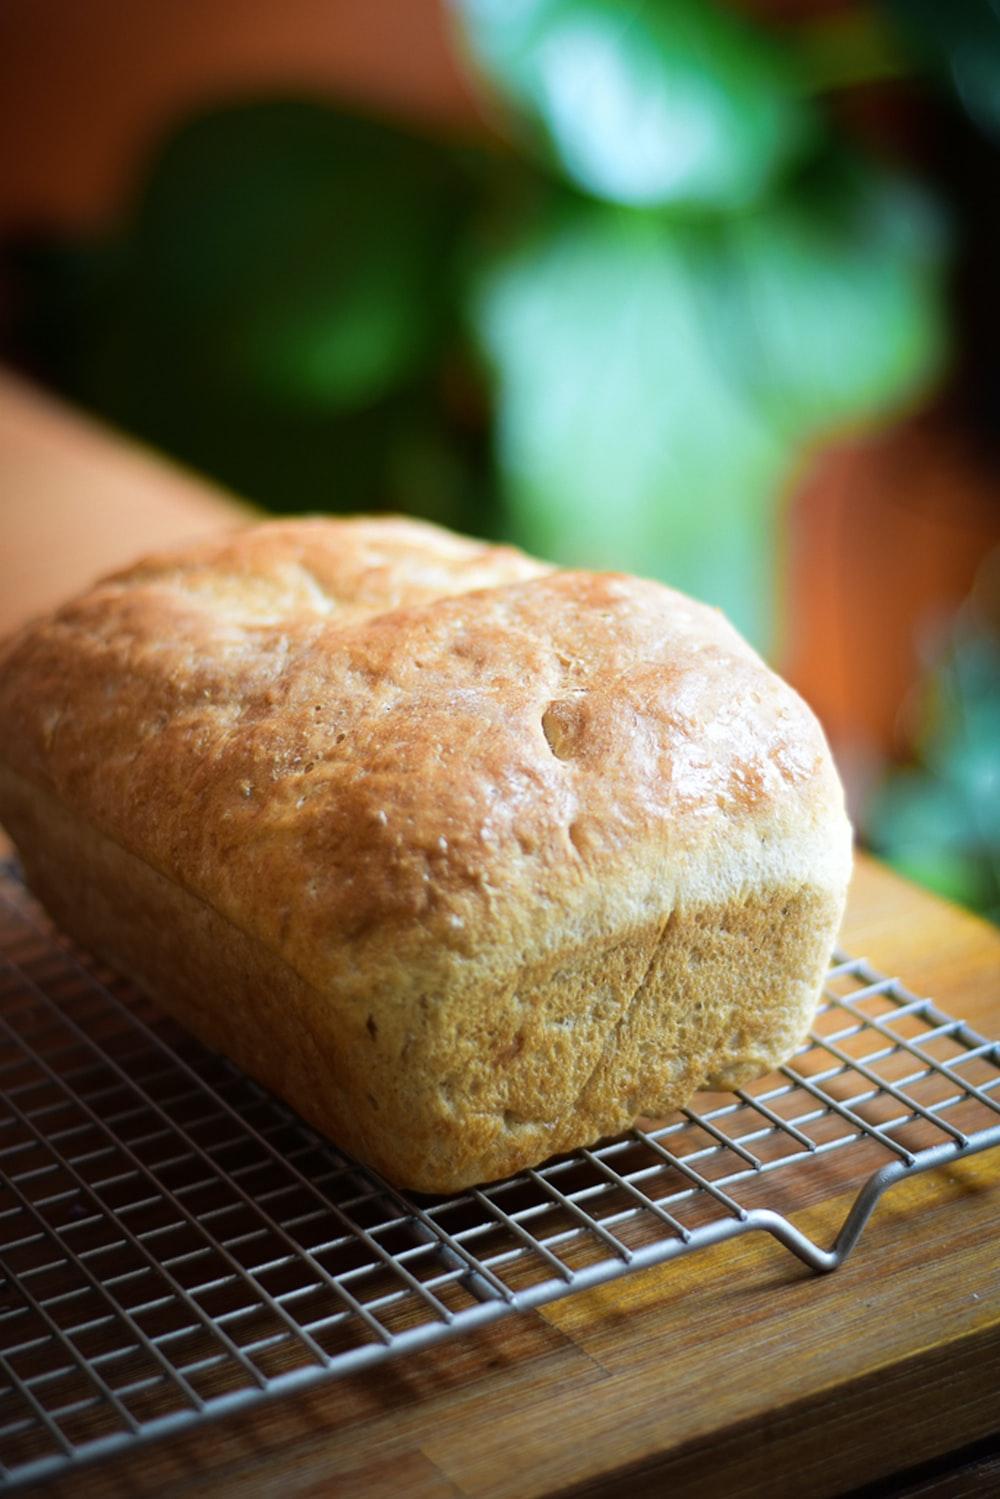 bread on black metal table